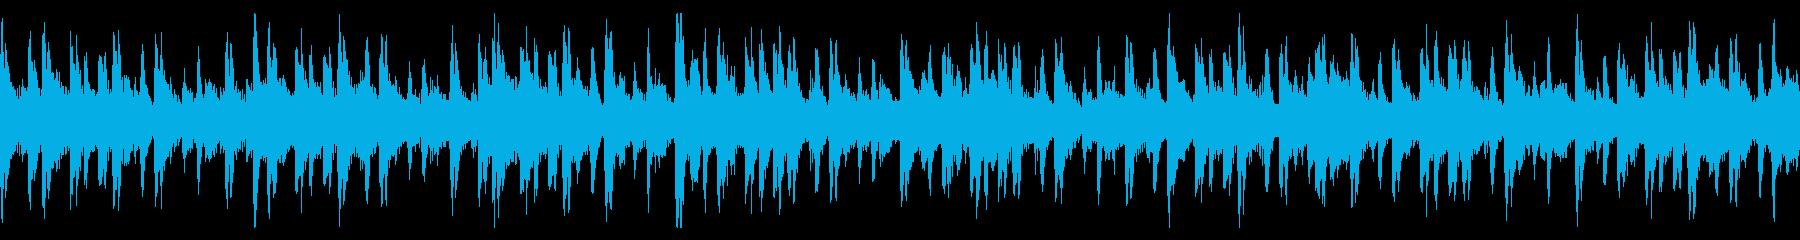 温かみ×清涼感★アプリホーム画面★ループの再生済みの波形